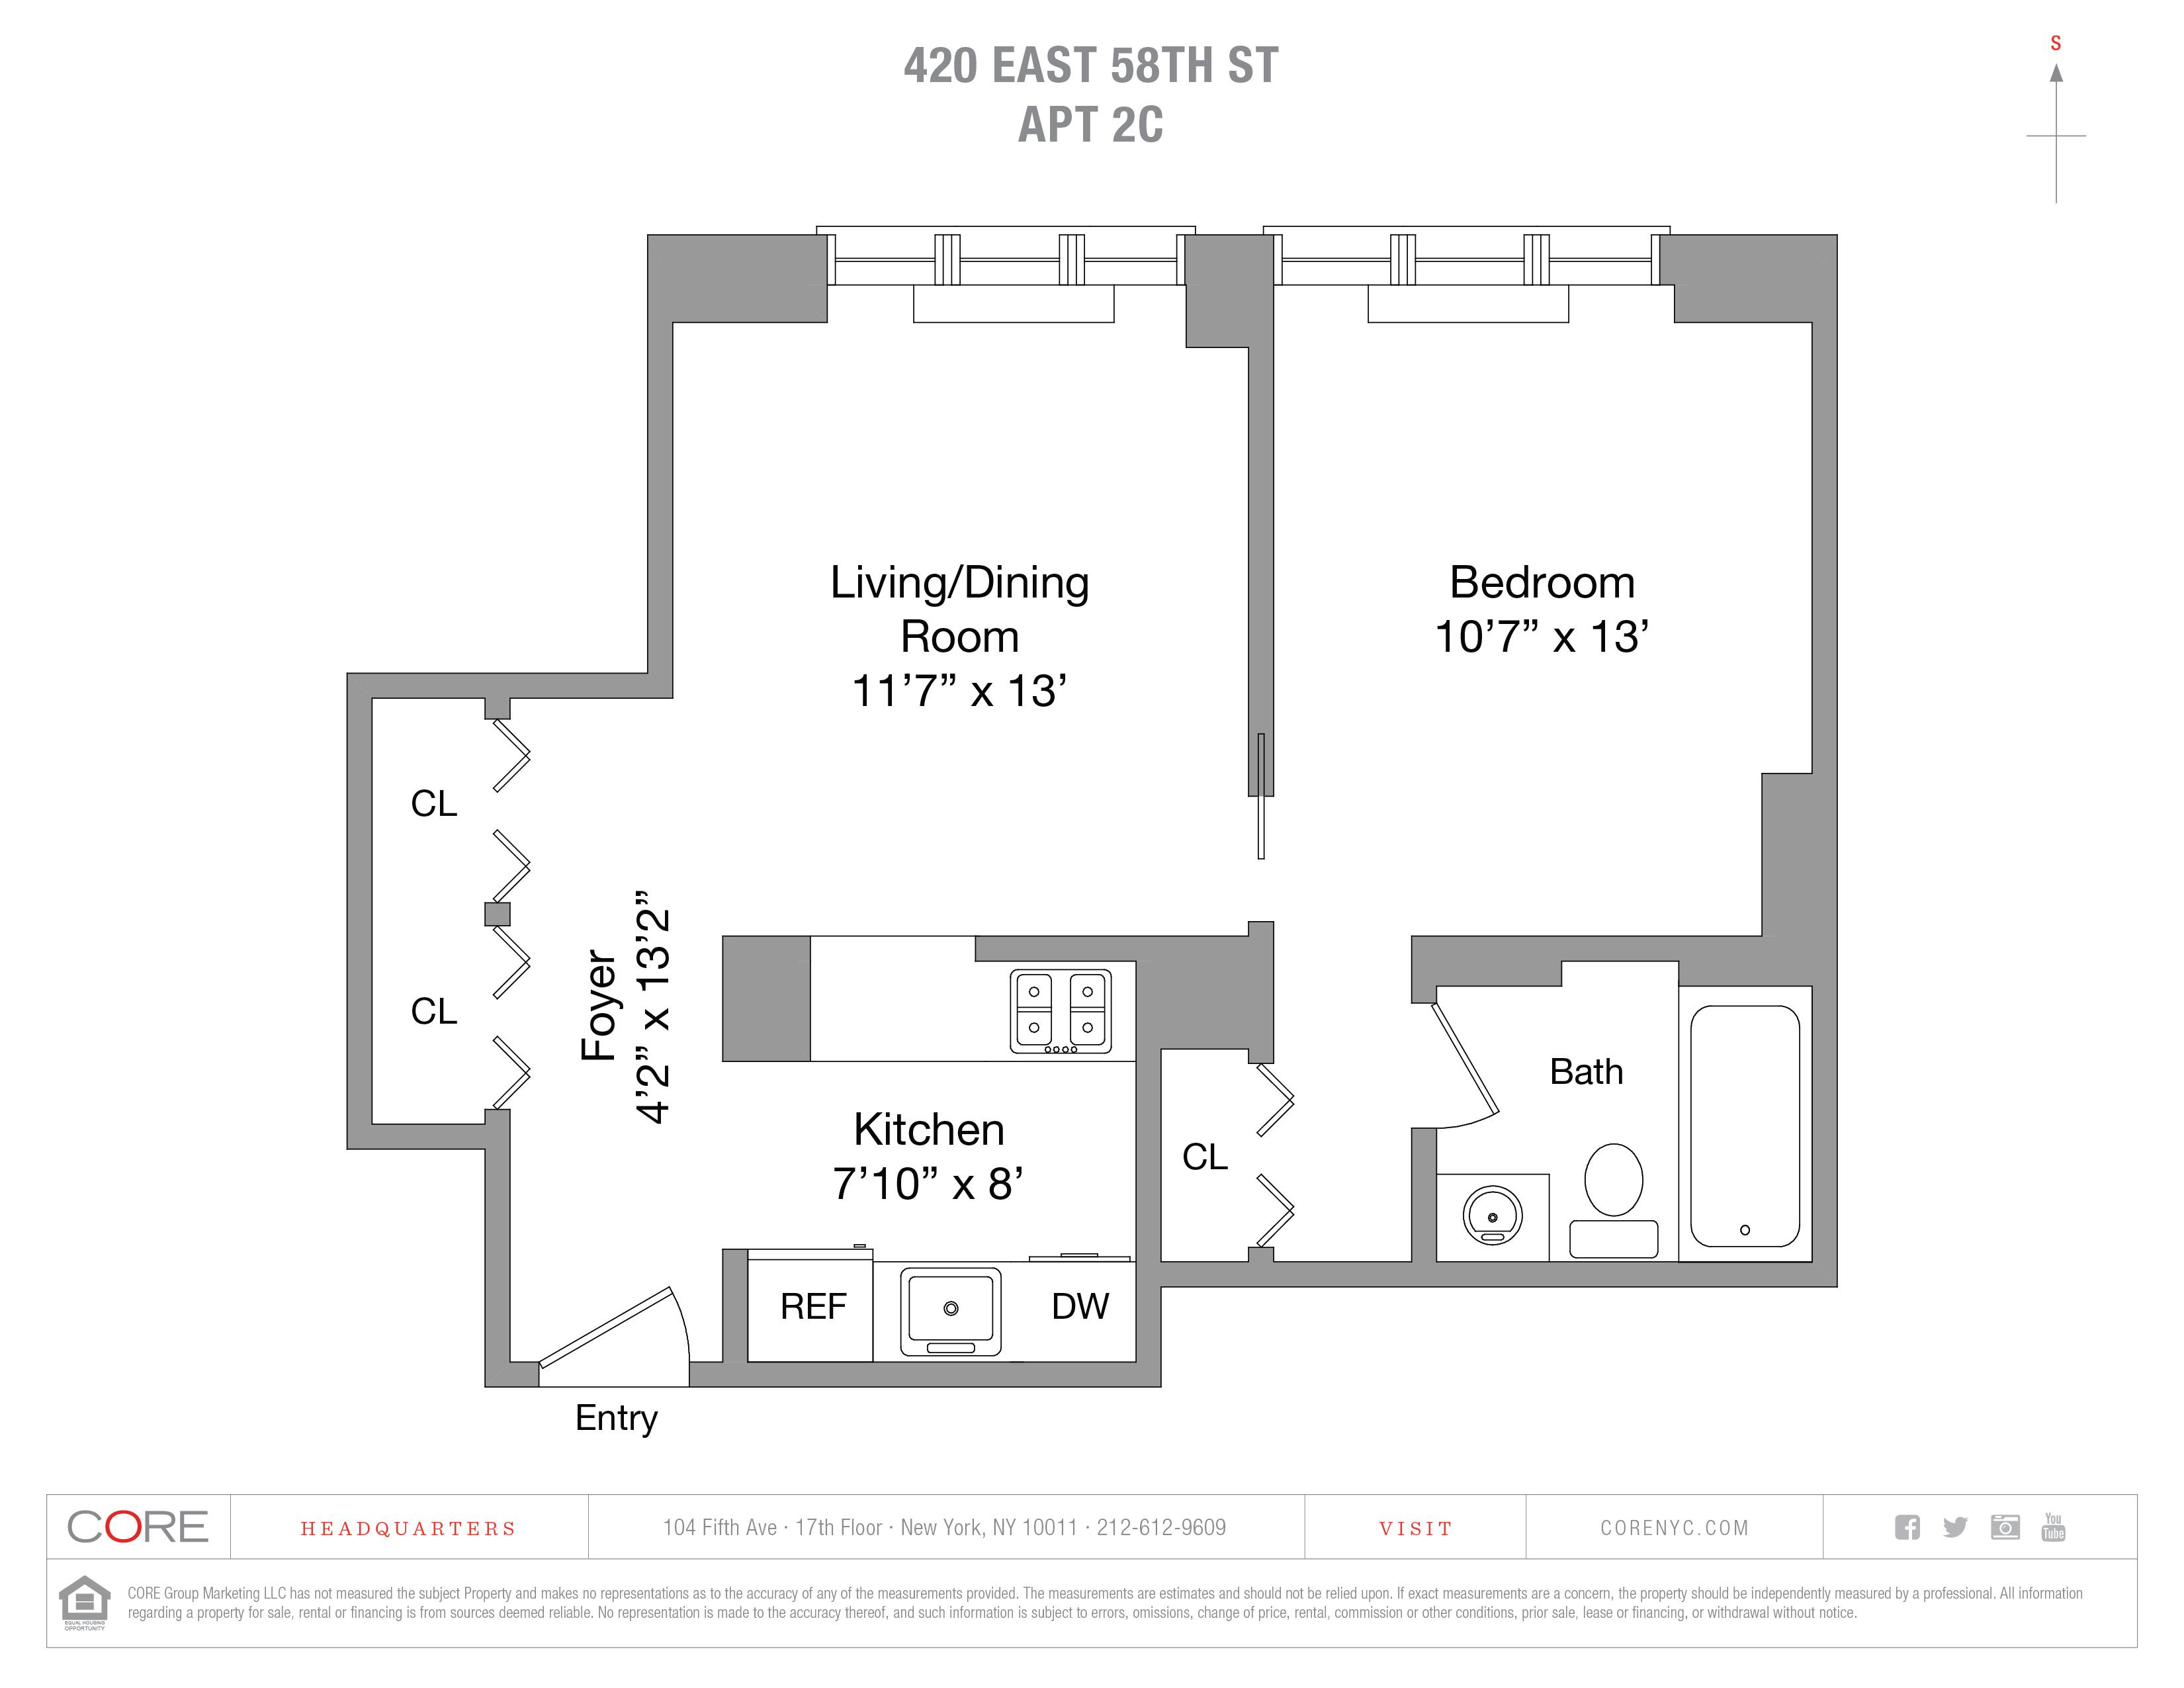 420 East 58th St. 2C, New York, NY 10022